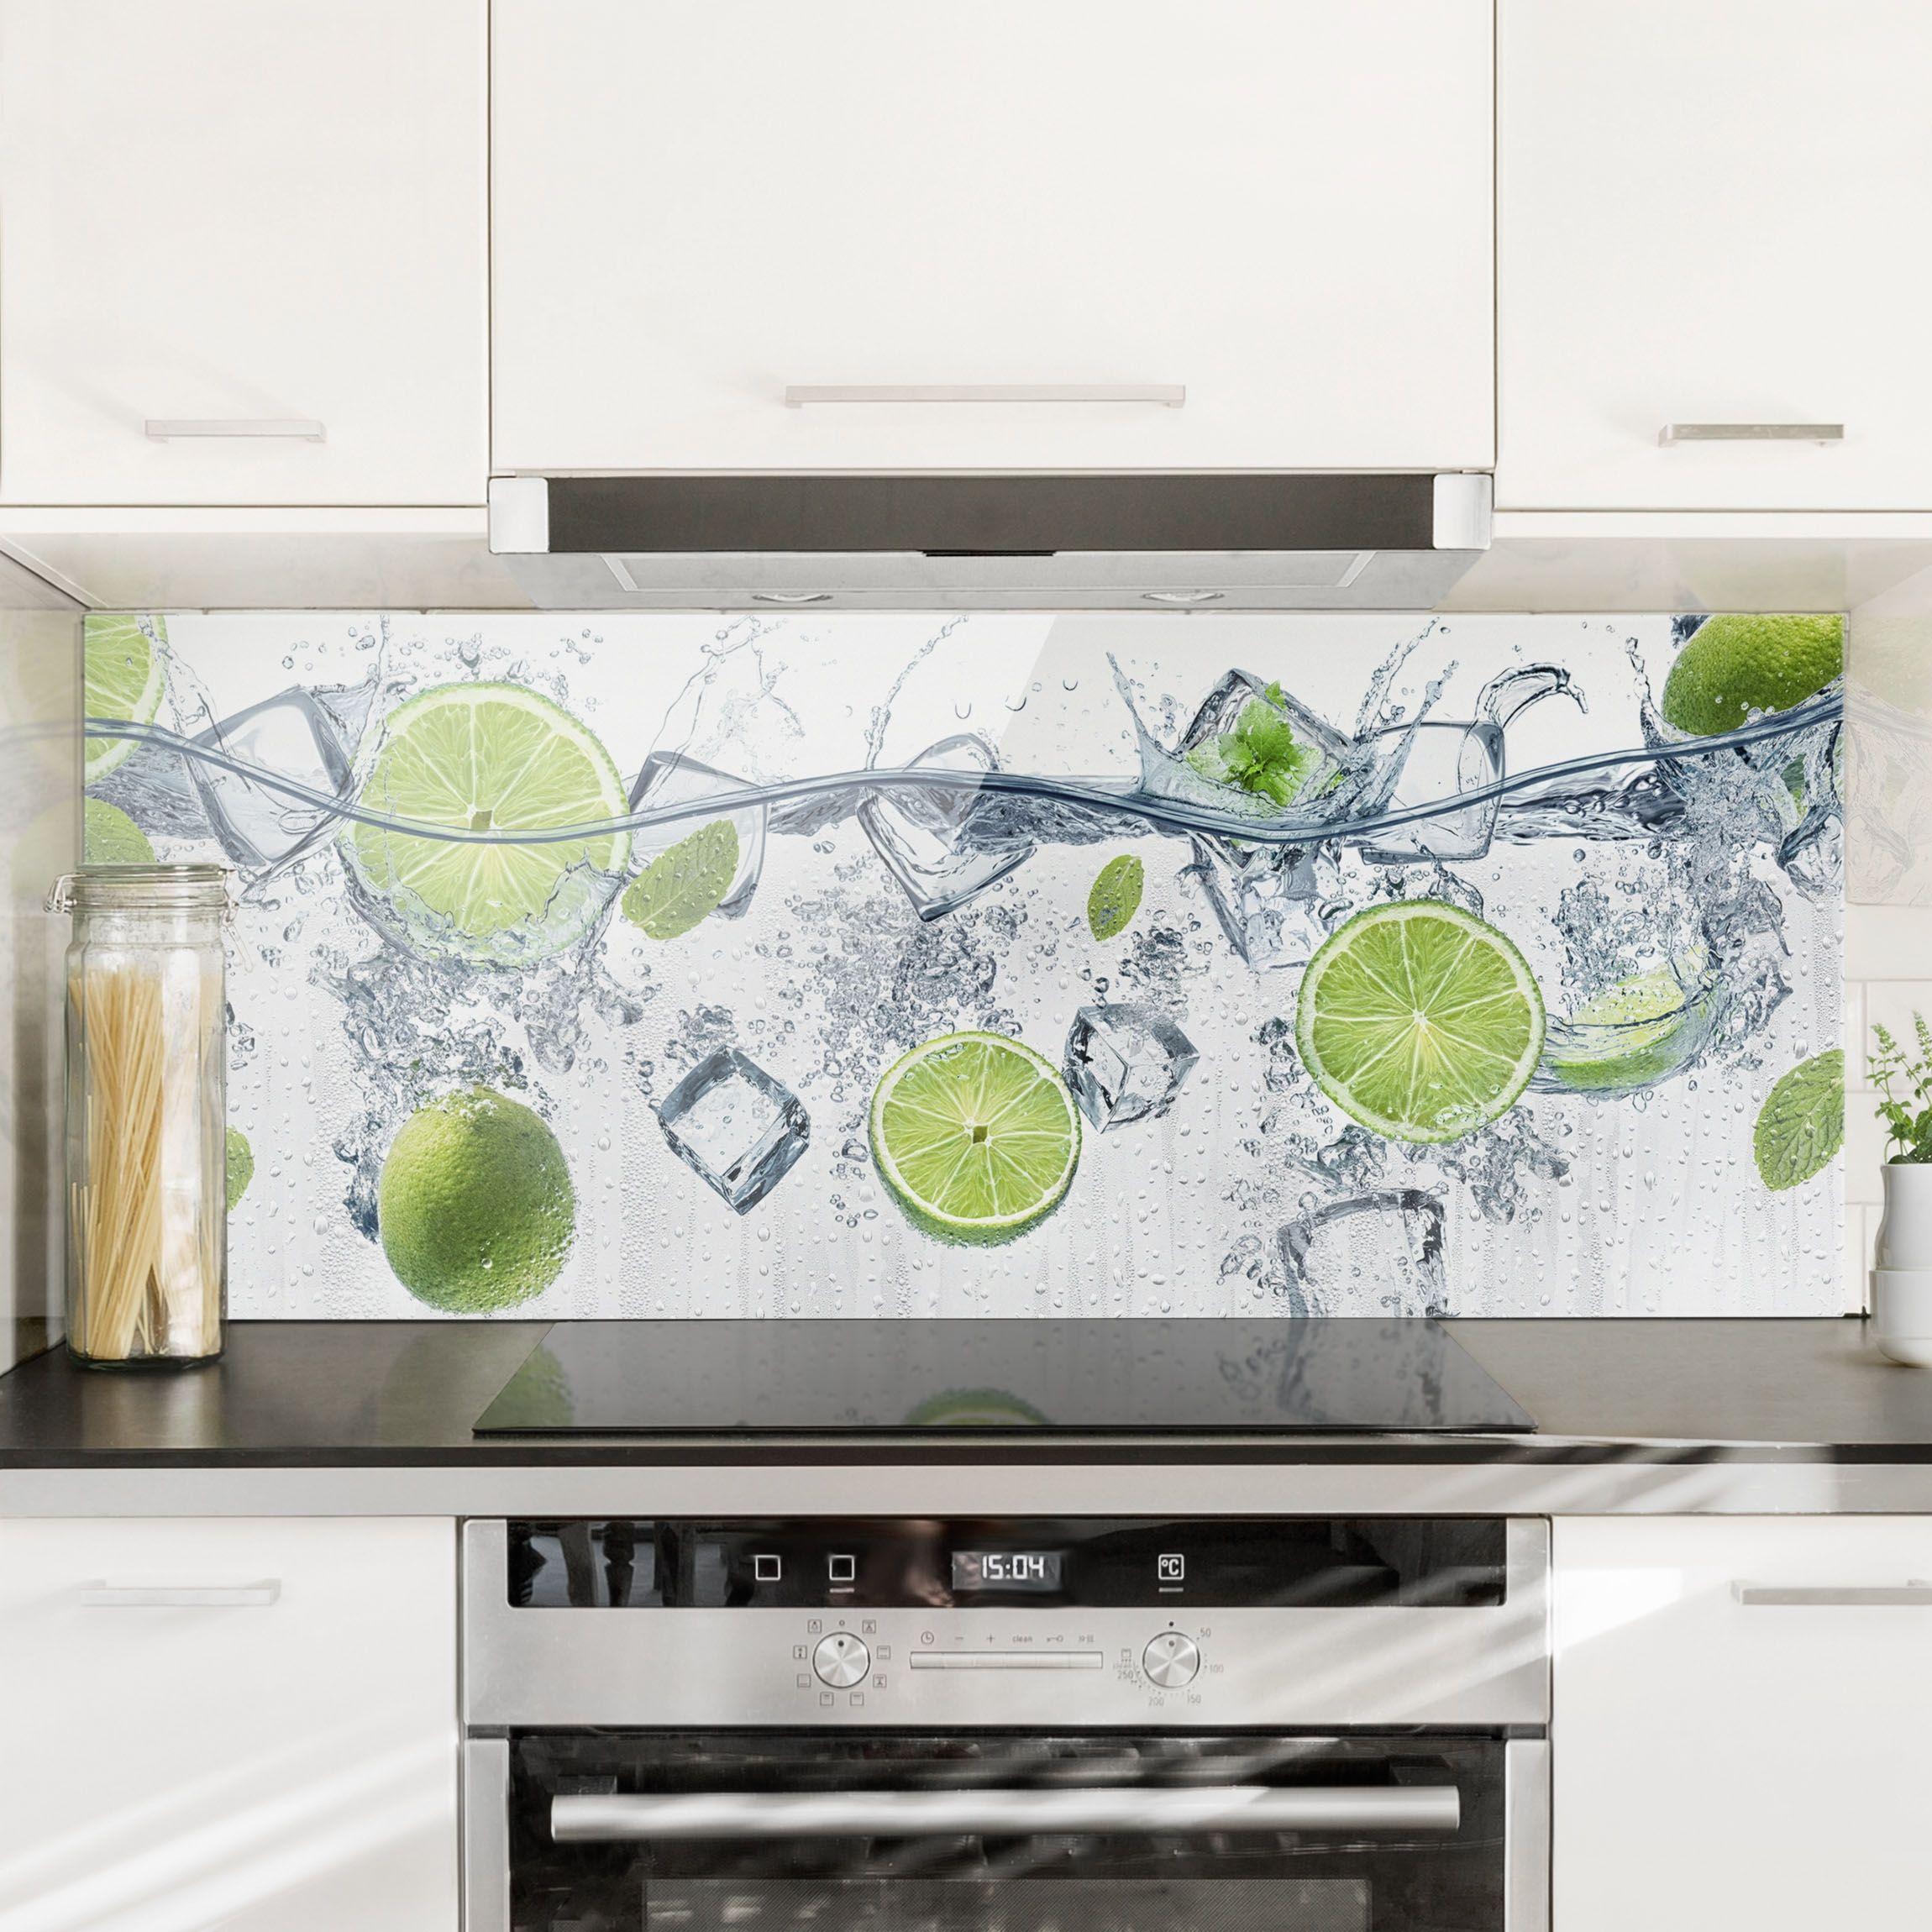 Spritzschutz Glas Erfrischende Limette Panorama Küche Spritzschutz Glas Spritzschutz Küchen Möbel